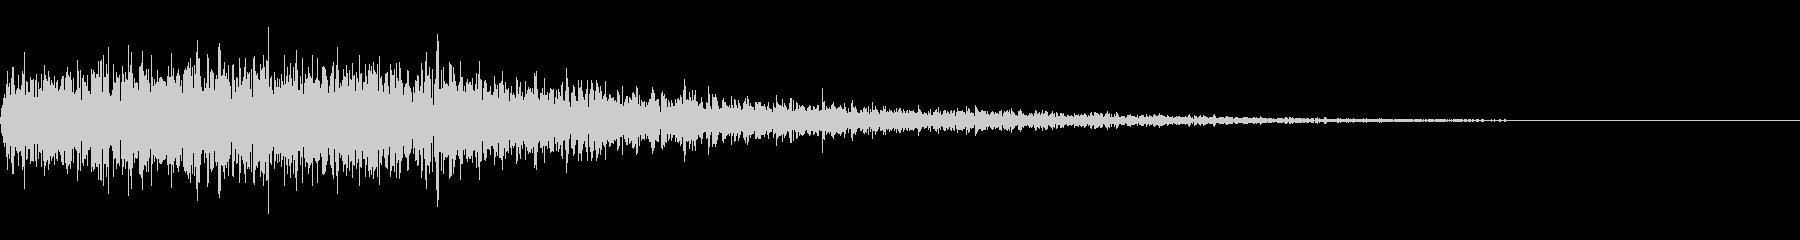 クリック音265 ブオオオオンの未再生の波形